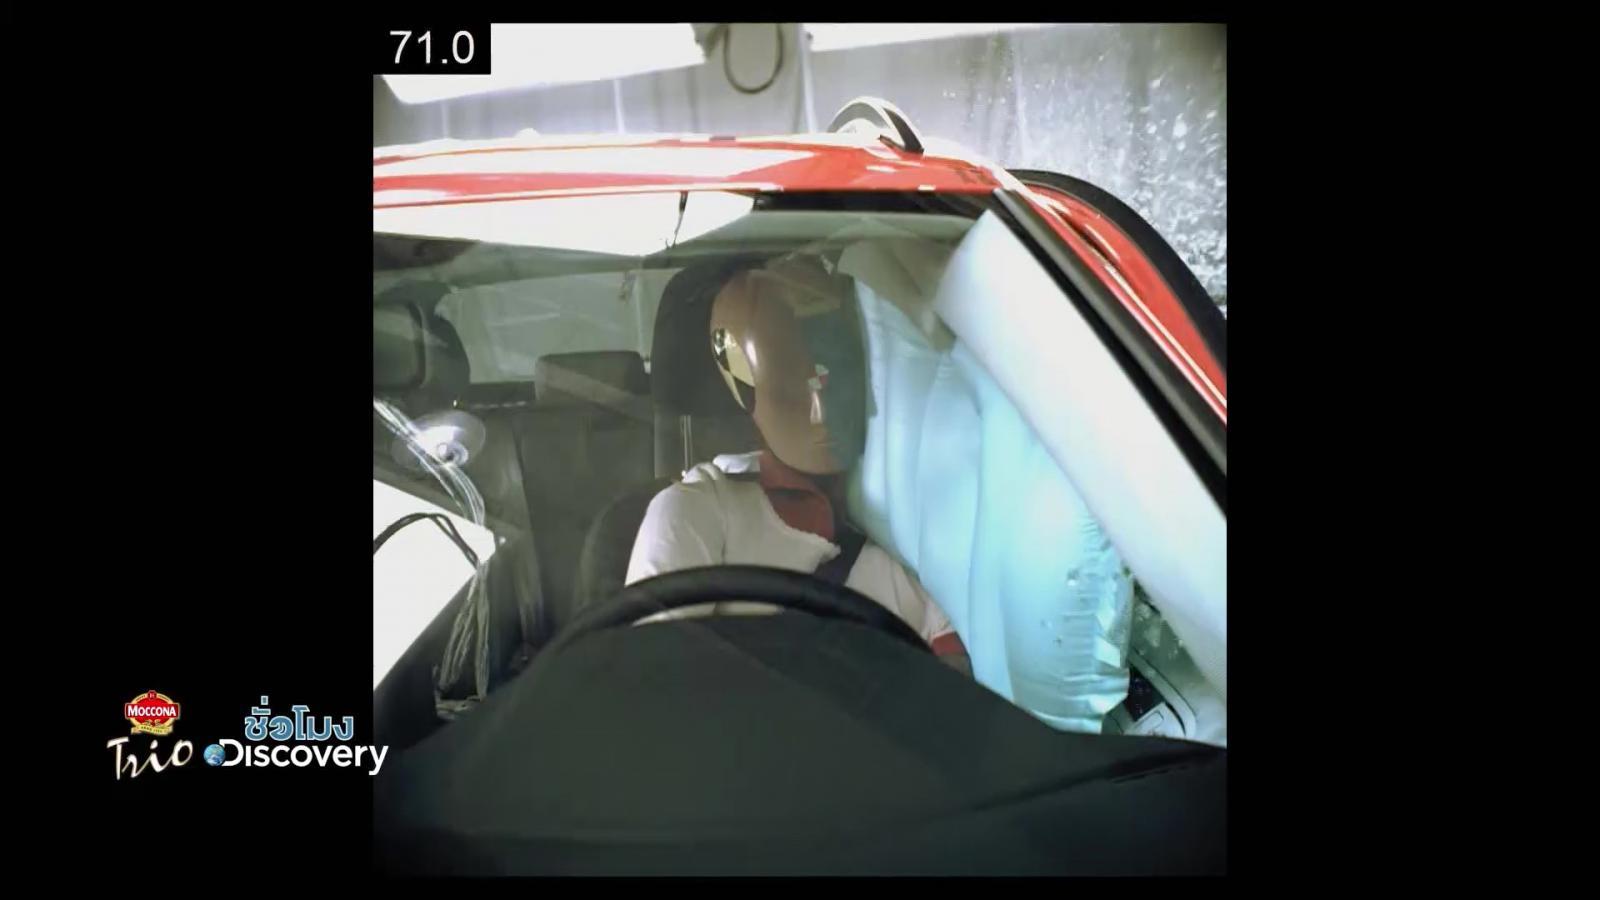 ชั่วโมง Discovery ตอน วิธีสร้างหุ่นจำลองทดสอบการชนของรถ